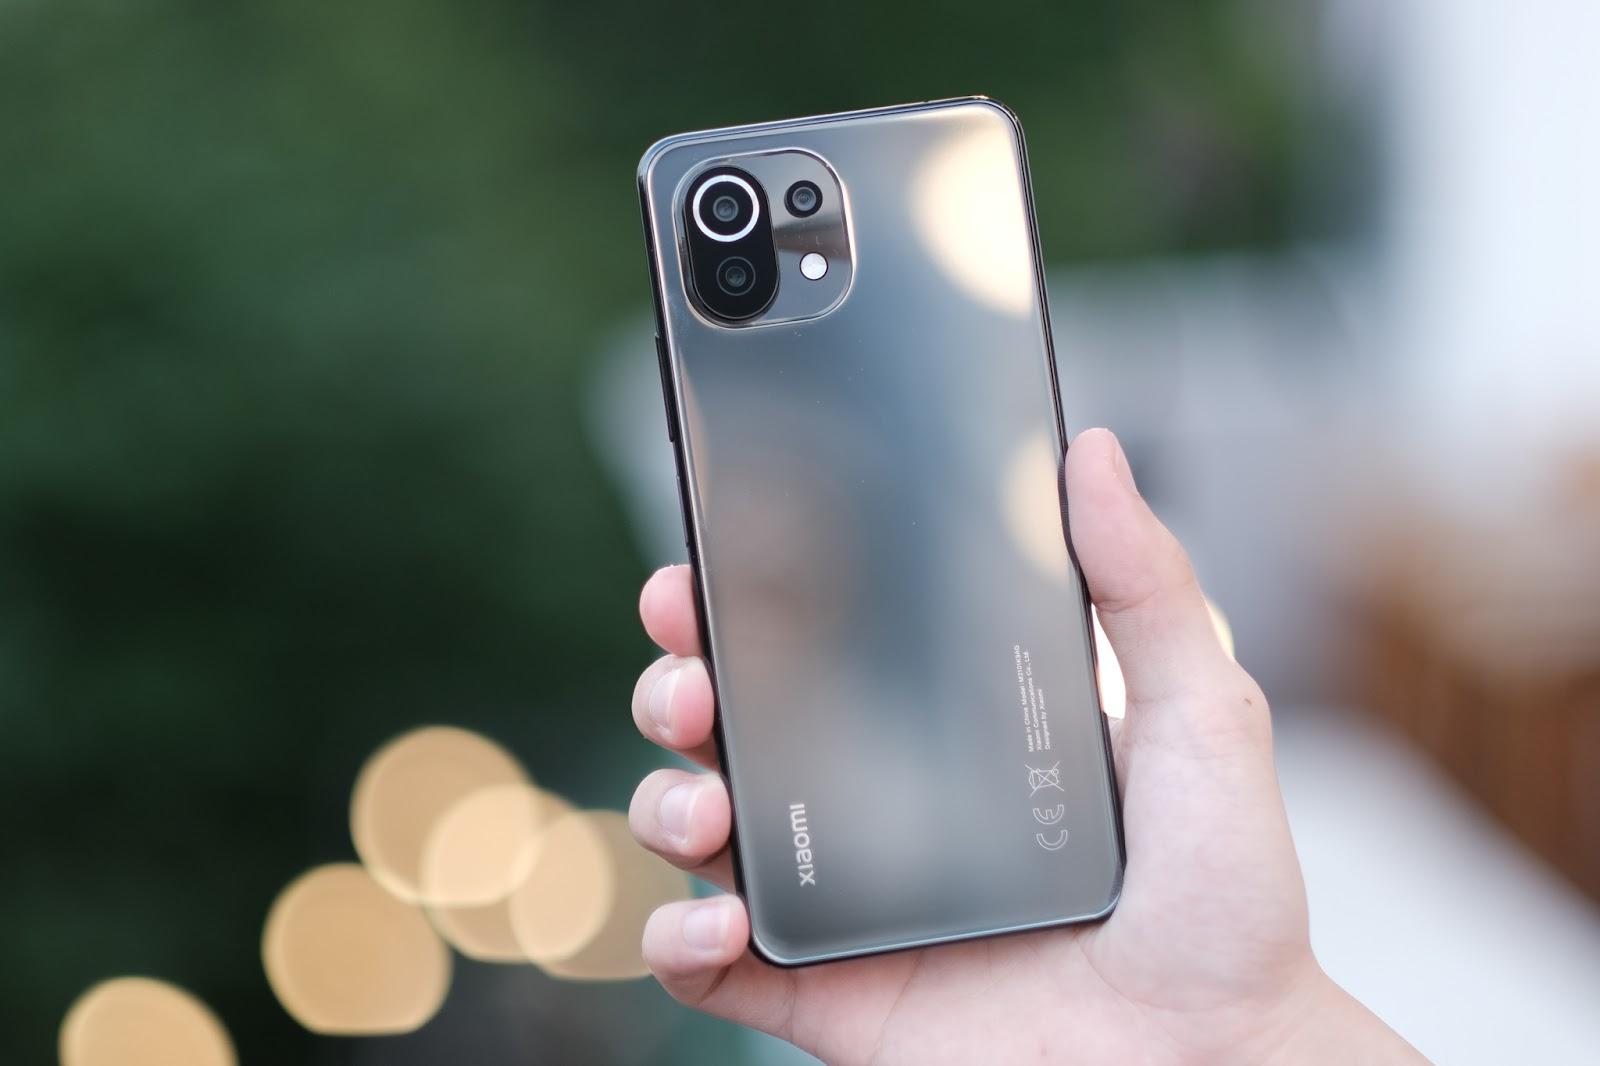 Trên tay Xiaomi Mi 11 Lite: Smartphone mỏng nhẹ và đáng mua nhất phân khúc dưới 7 triệu đồng - Ảnh 5.